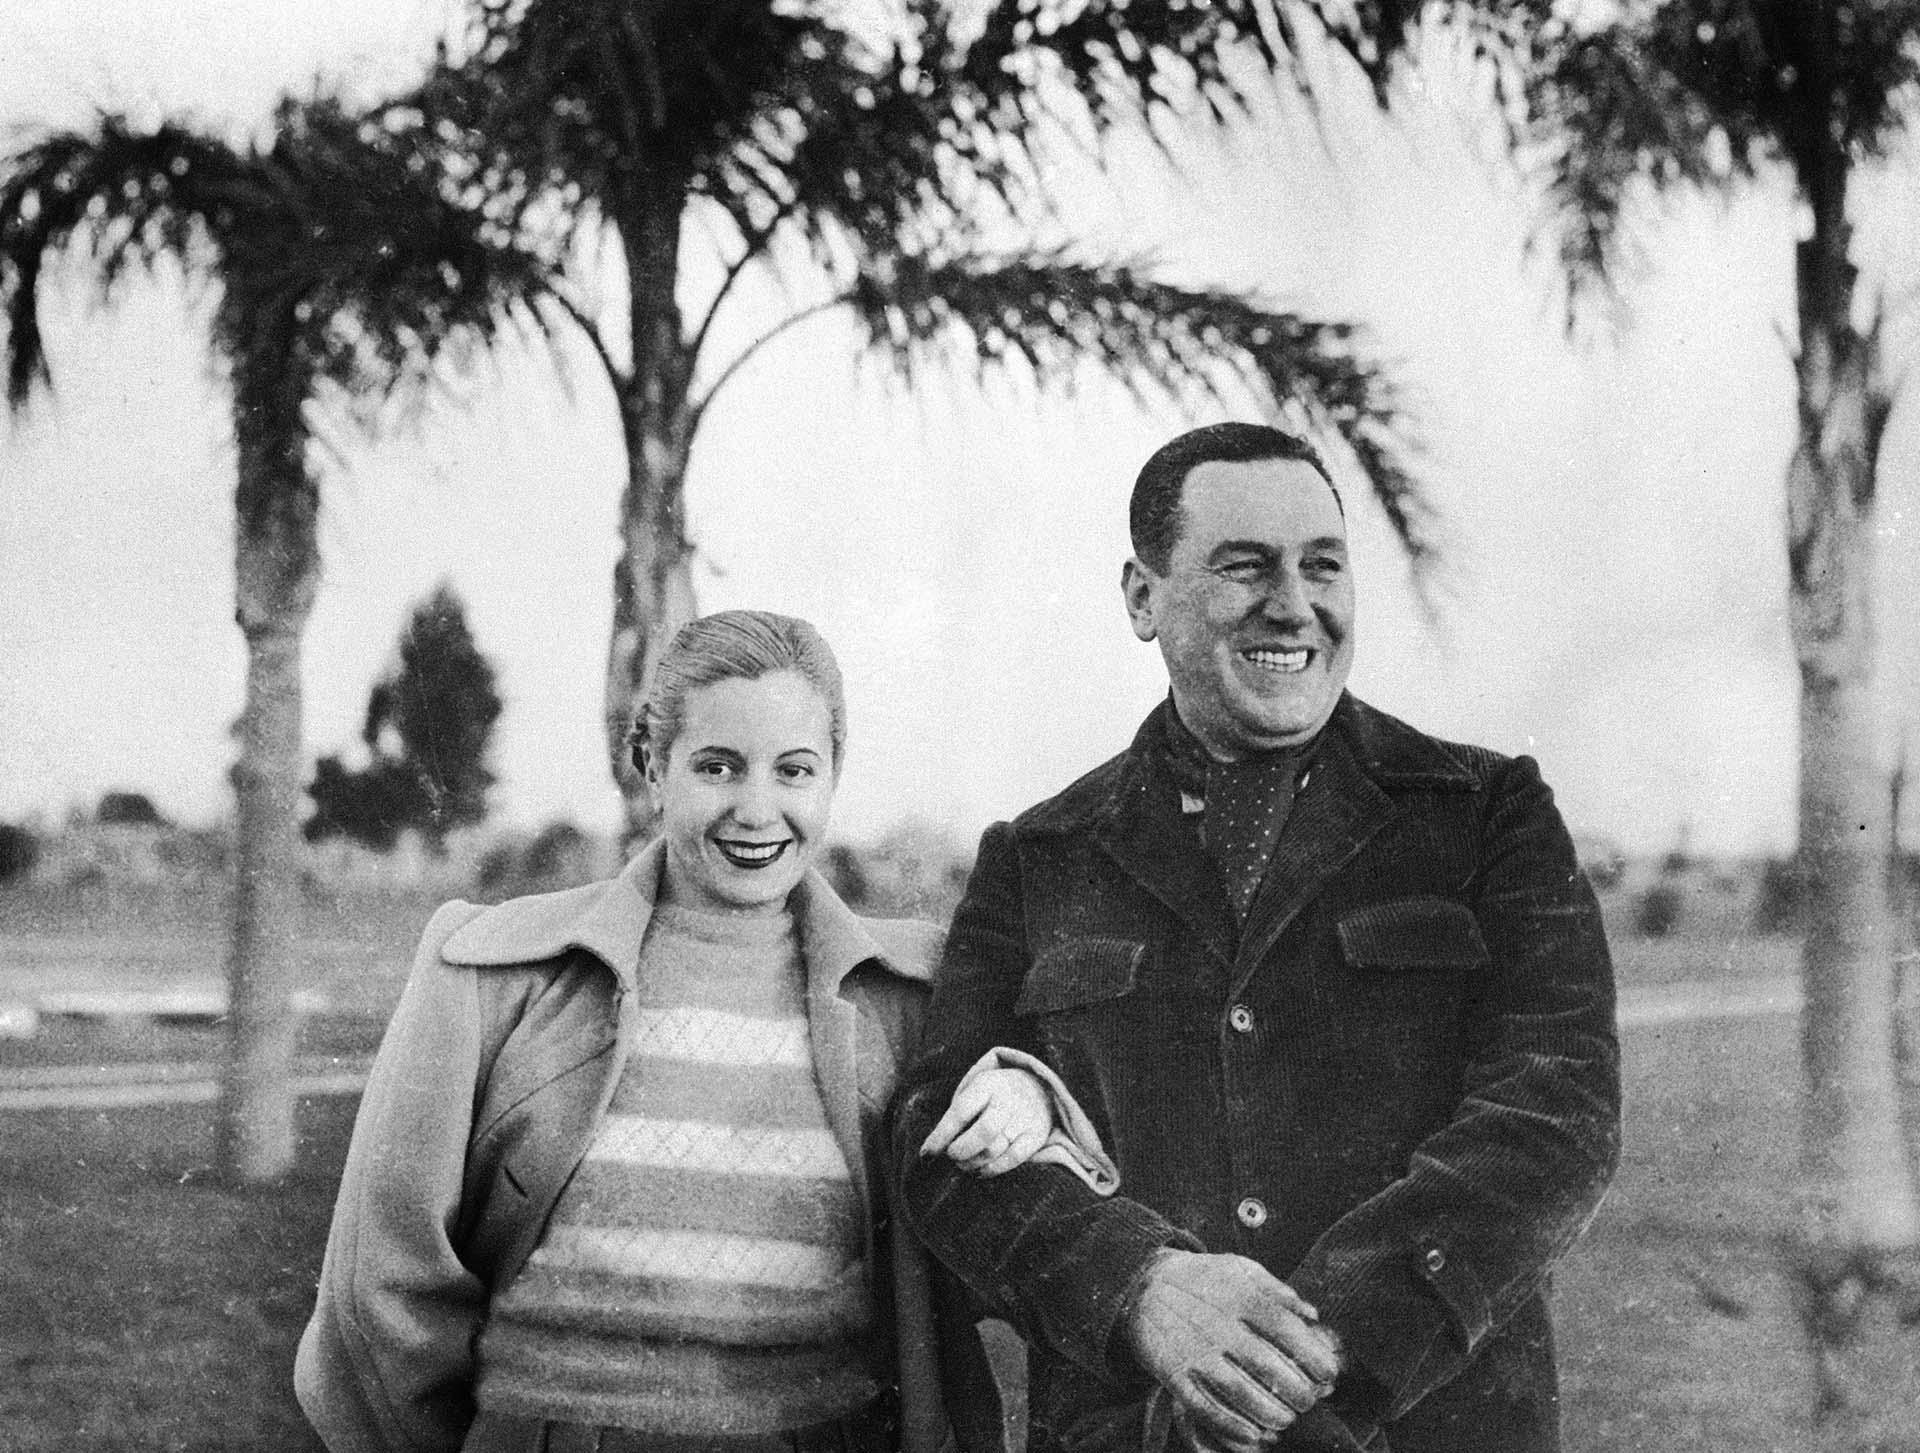 """En 1944, una tragedia cambió su vida. El 15 de enero a las 20:52 se registró la catástrofe natural más destructiva de la historia del país. El terremoto de San Juan destruye el 80% de la ciudad con un saldo trágico: más de 10 mil muertos y otra decena de miles de heridos. El 4 de julio de 1943 un golpe de Estado había derrocado al presidente Ramón Castillo poniendo fin a la llamada """"Década Infame"""". Asume la presidencia el general Pedro Pablo Ramírez (AP Photo, File)"""